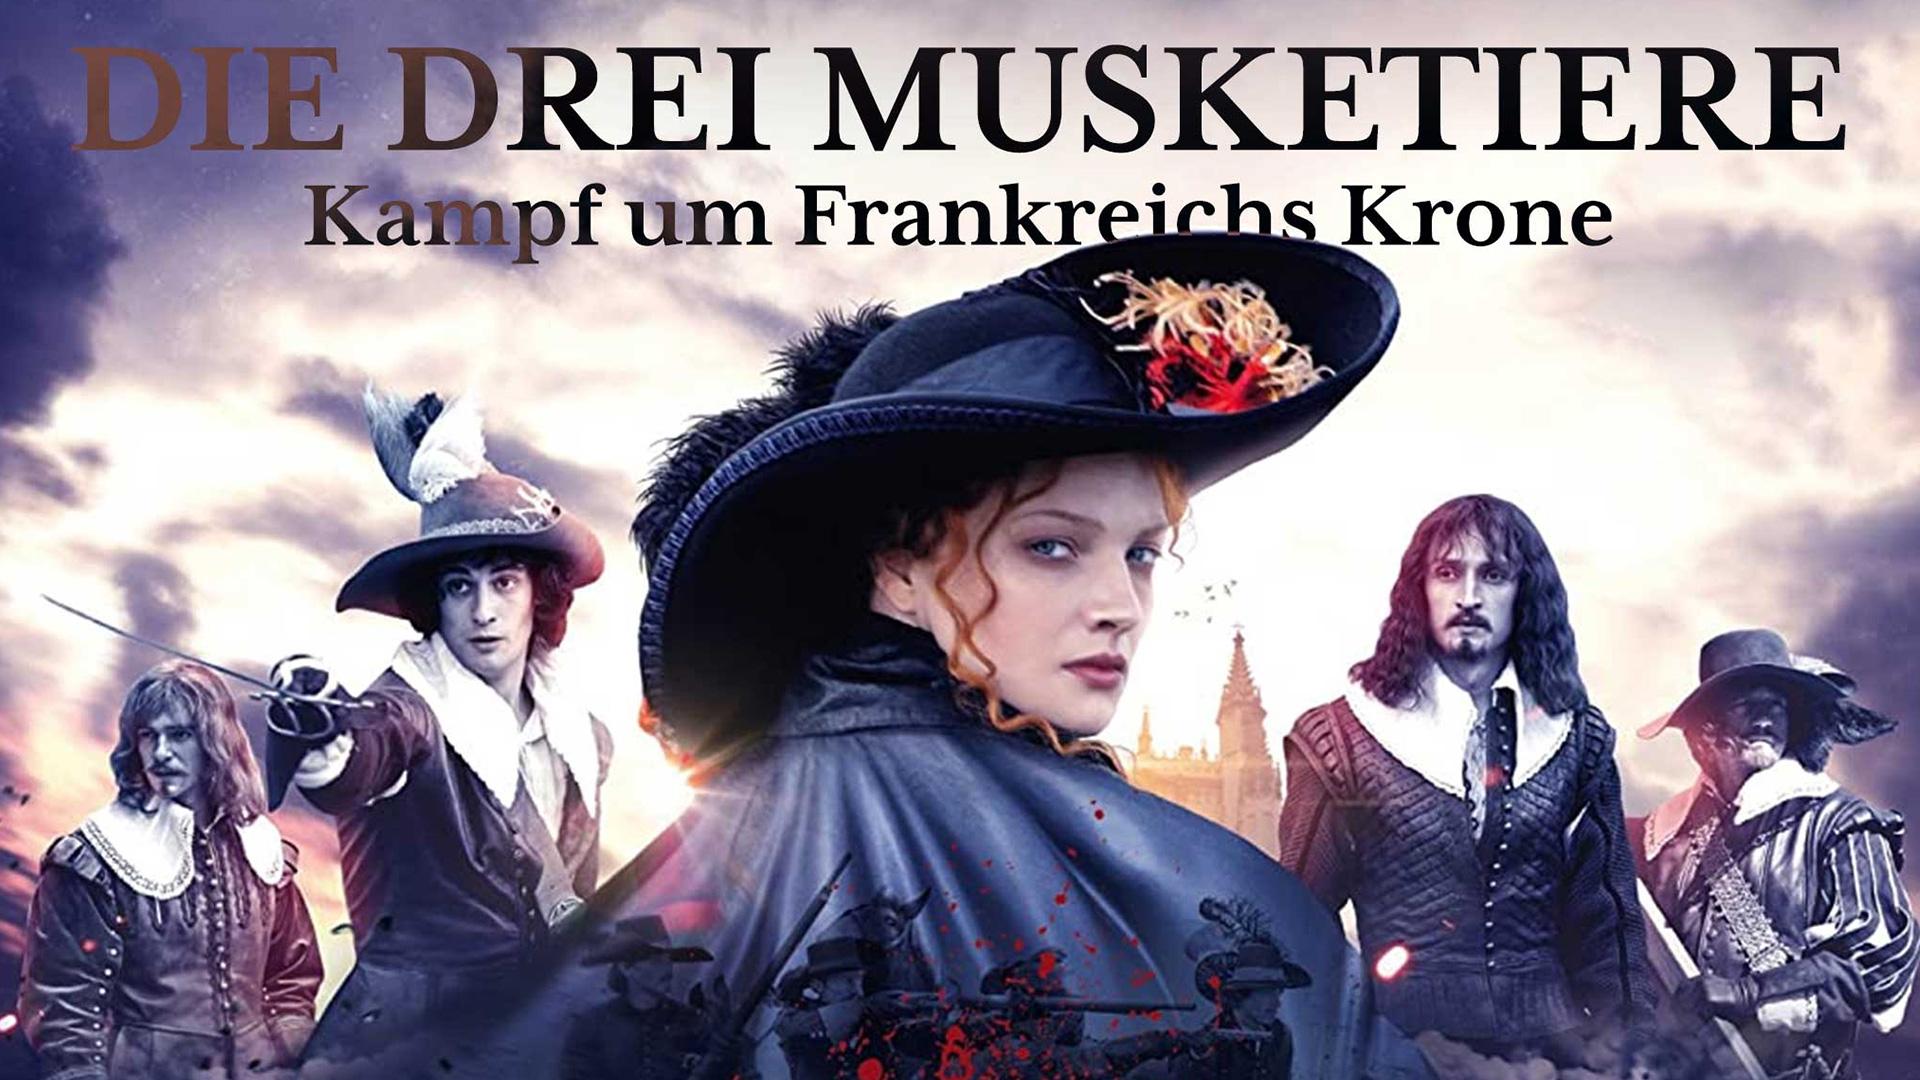 Die Drei Musketiere: Kampf um Frankreichs Krone (2013)